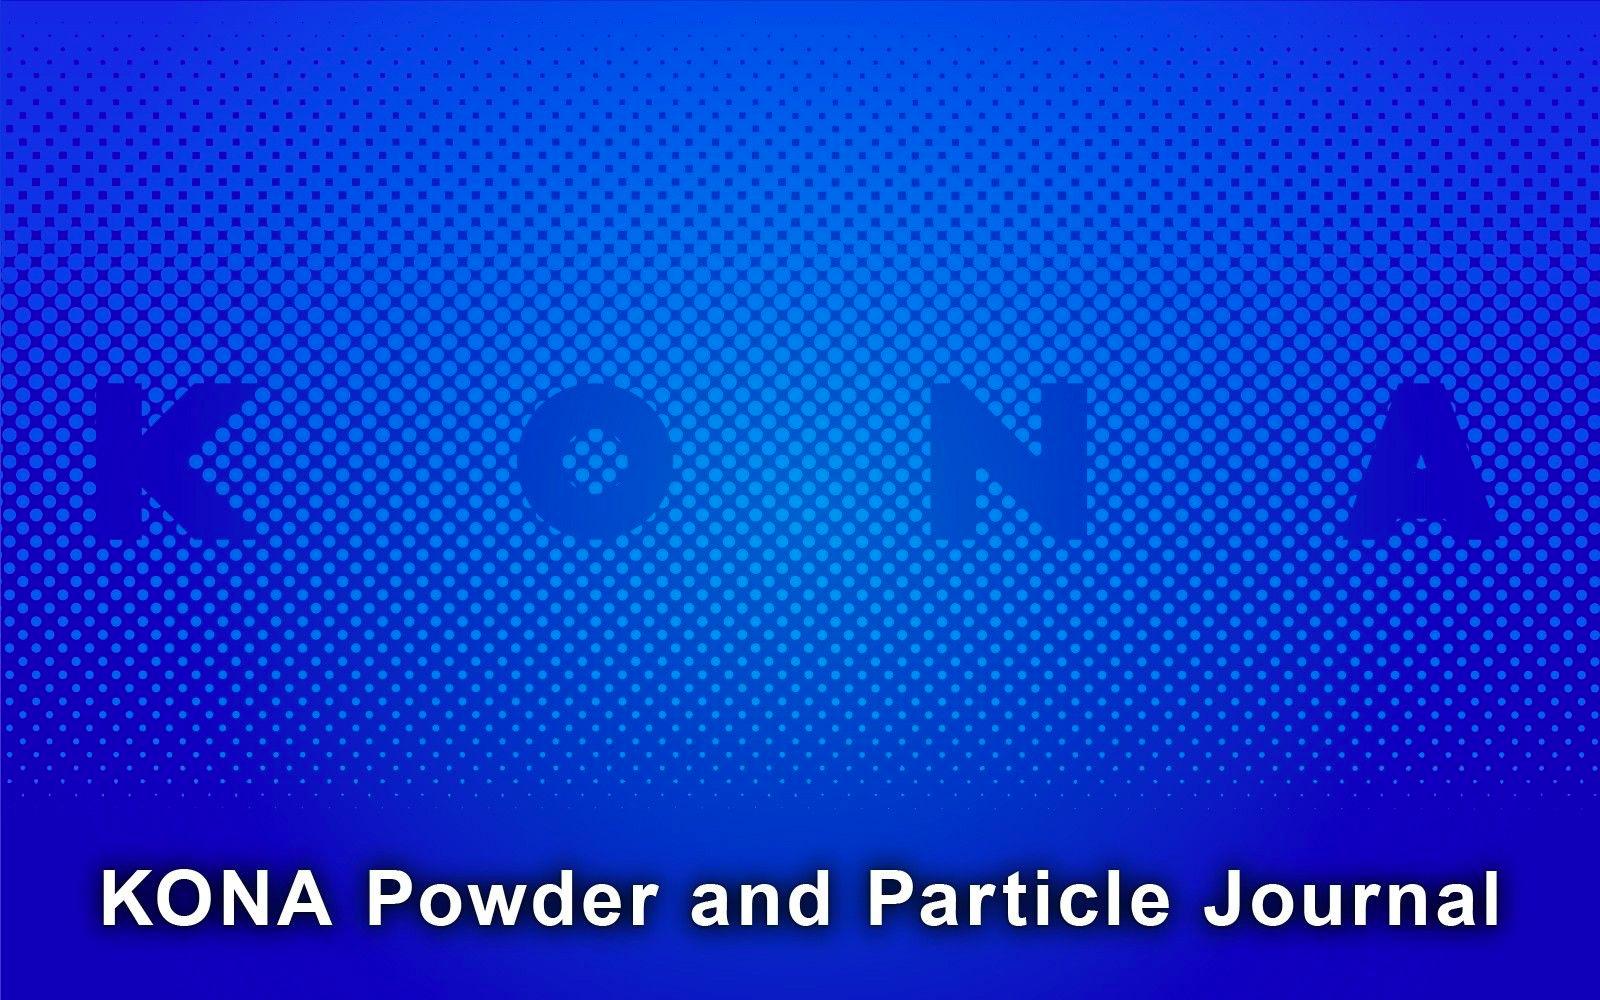 粉/KONA Powder and Particle Journal  banner